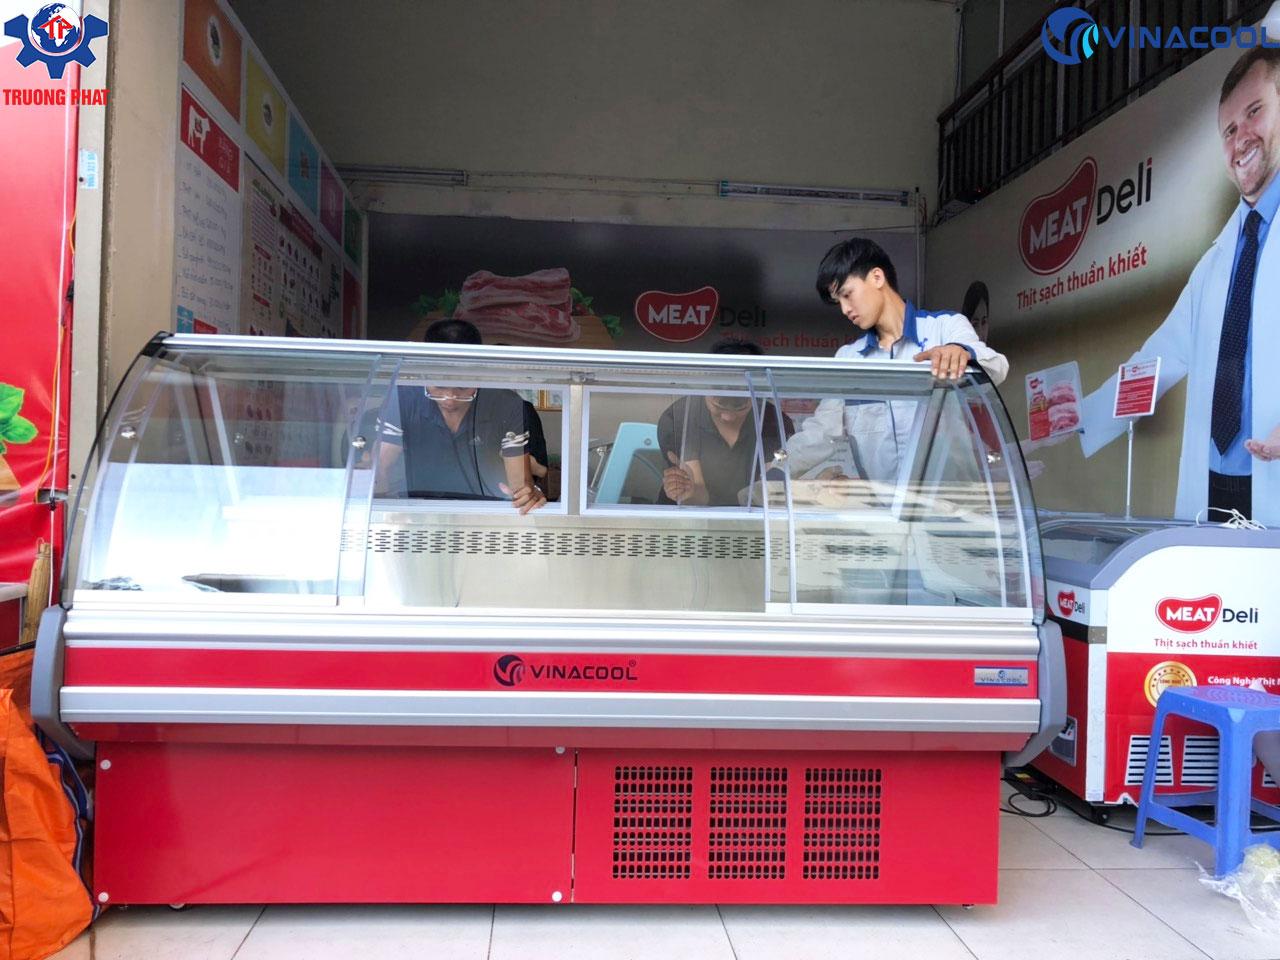 tủ mát trưng bày thịt tươi Meat deli